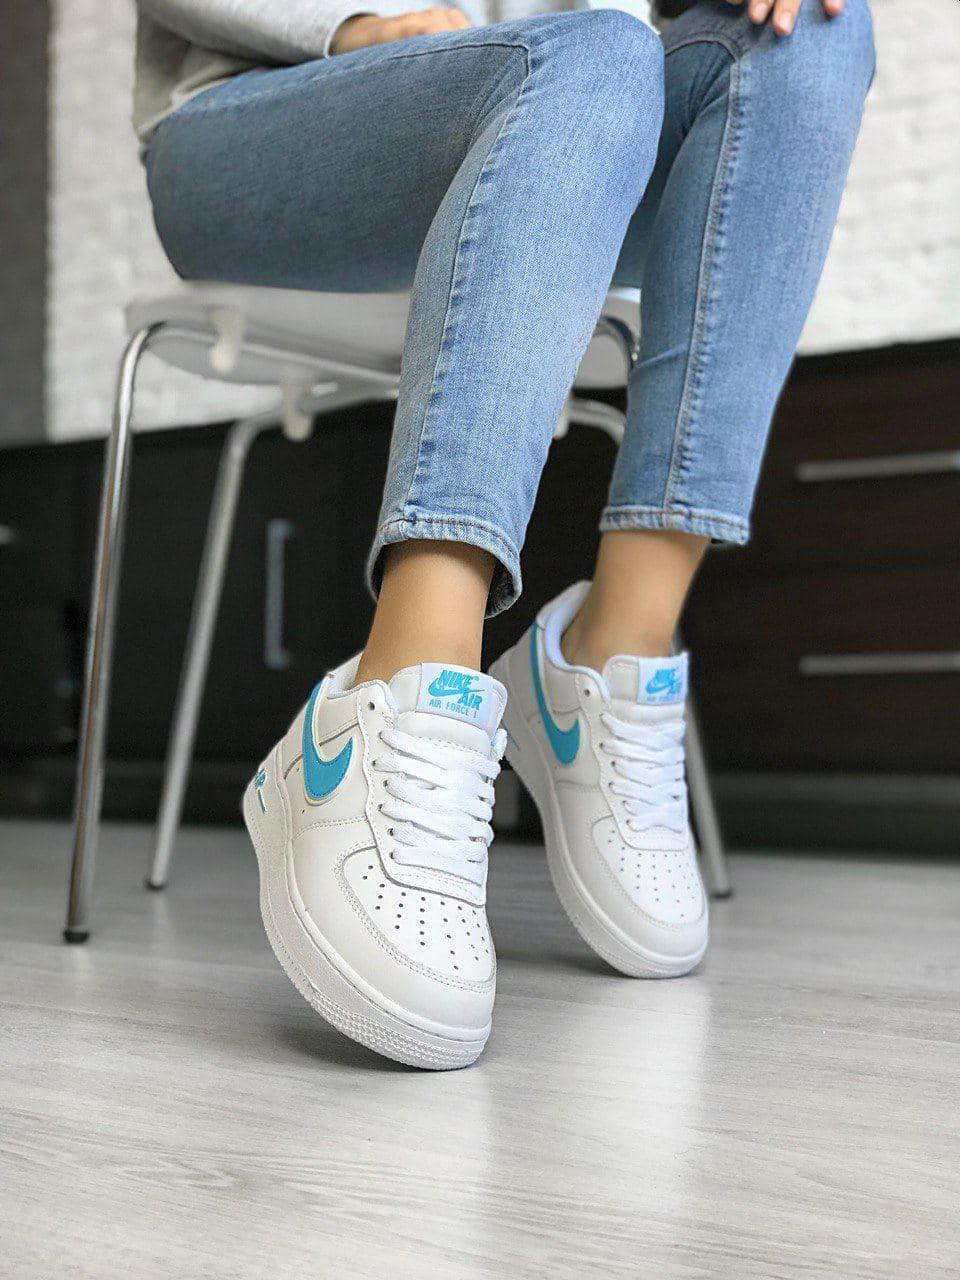 Кроссовки женские Nike Air Force.Стильные кроссовки белого цвета с голубыми вставками.